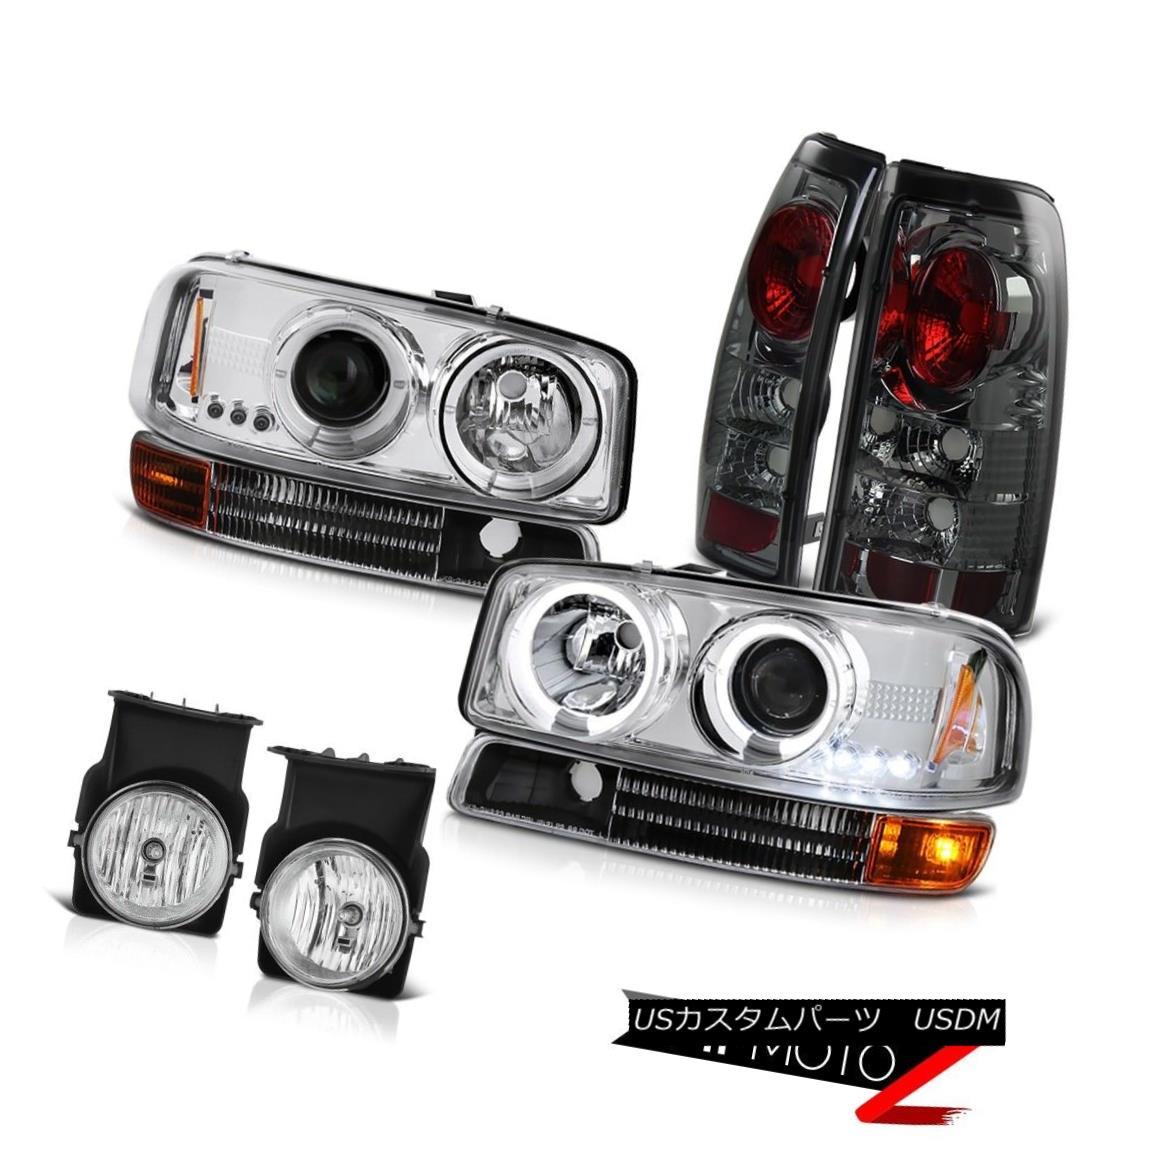 テールライト Halo LED Headlight Infinity Black Bumper Tail light Foglight 2003 Sierra 4.3L V6 Halo LEDヘッドライトインフィニティブラックバンパーテールライトFoglight 2003 Sierra 4.3L V6